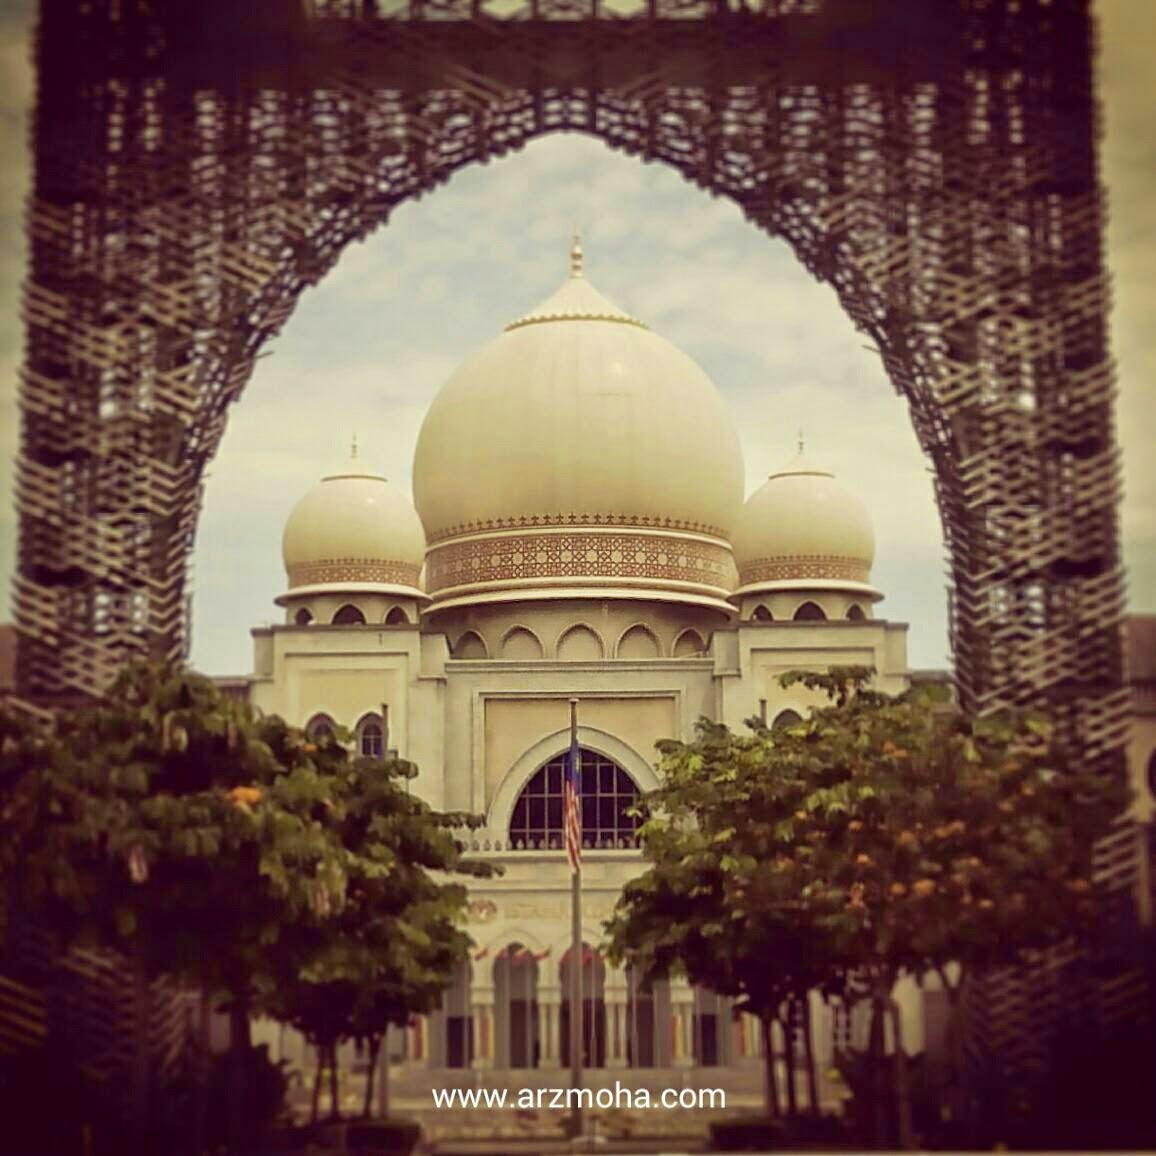 Istana kehakiman, Hakim, mahkamah, putrajaya, visit malaysia, architecture, design, malaysia, gambar cantik, arzmoha, framing, contoh framing